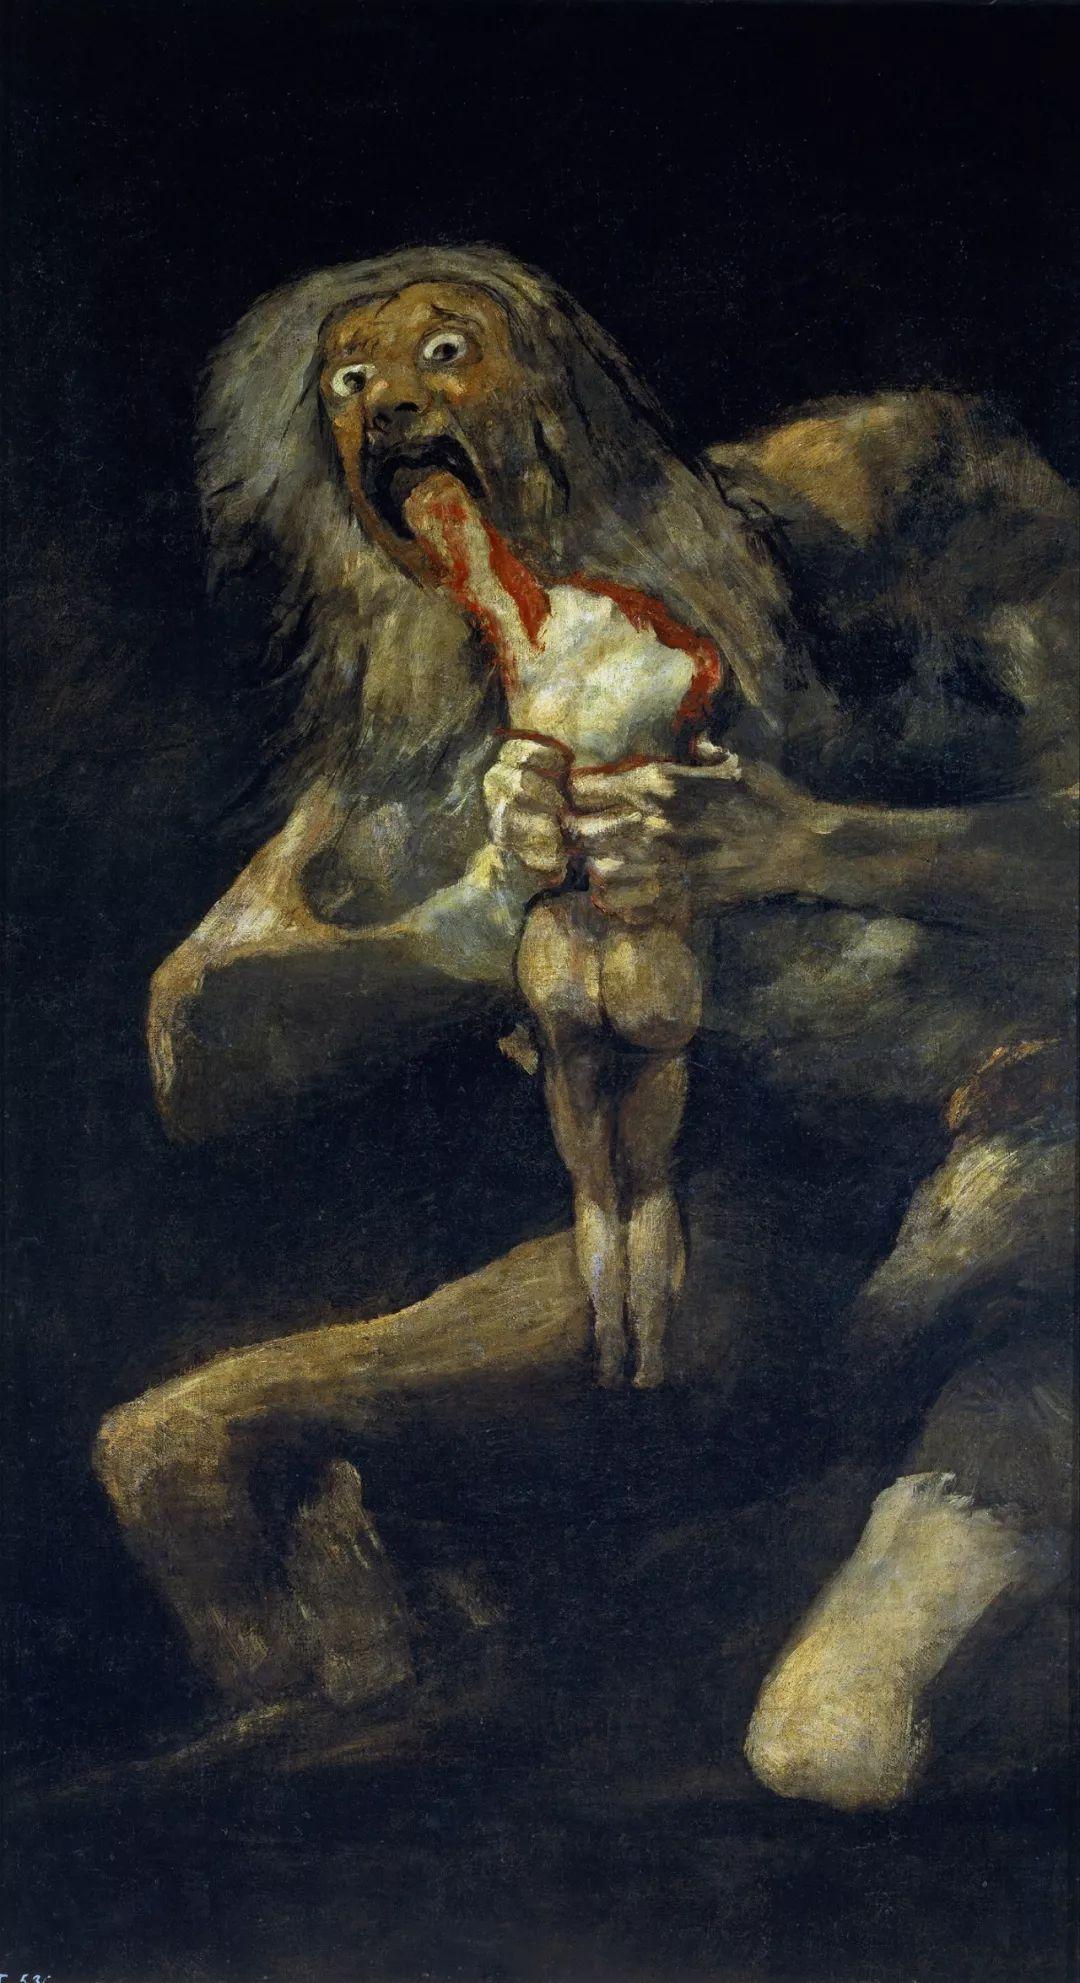 画风奇异的天才戈雅,画作震撼,他被称为浪漫主义最后的大师!插图5